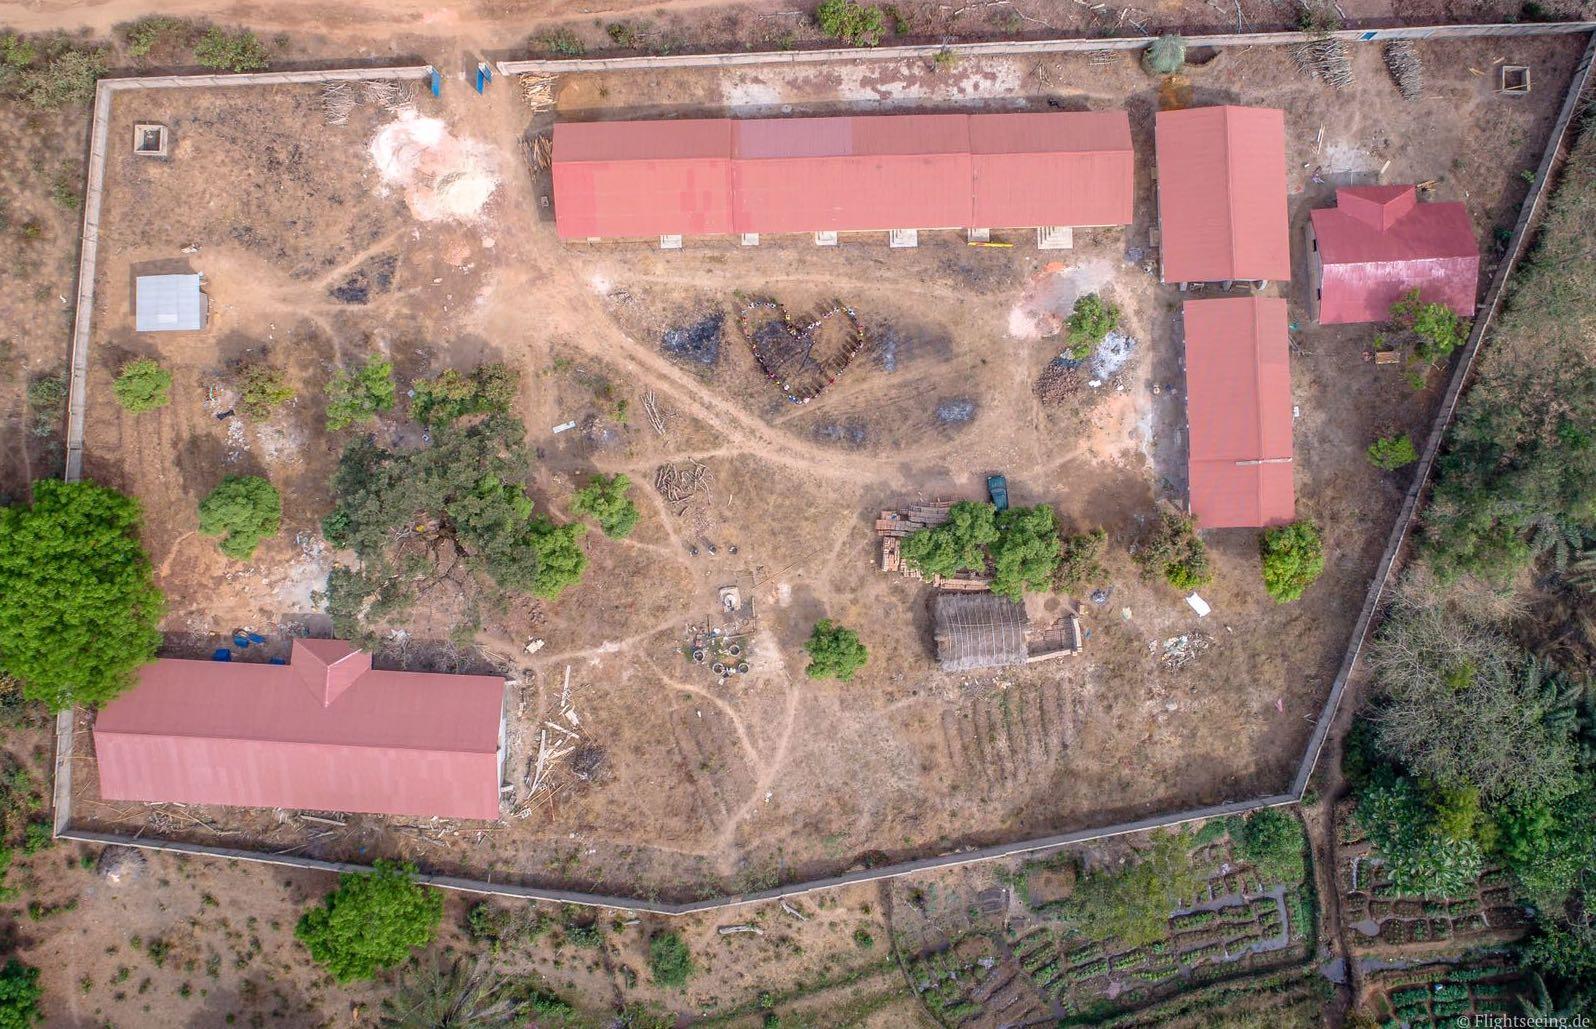 Luftbild der Berufsschule während der Bauphase, Februar 2017